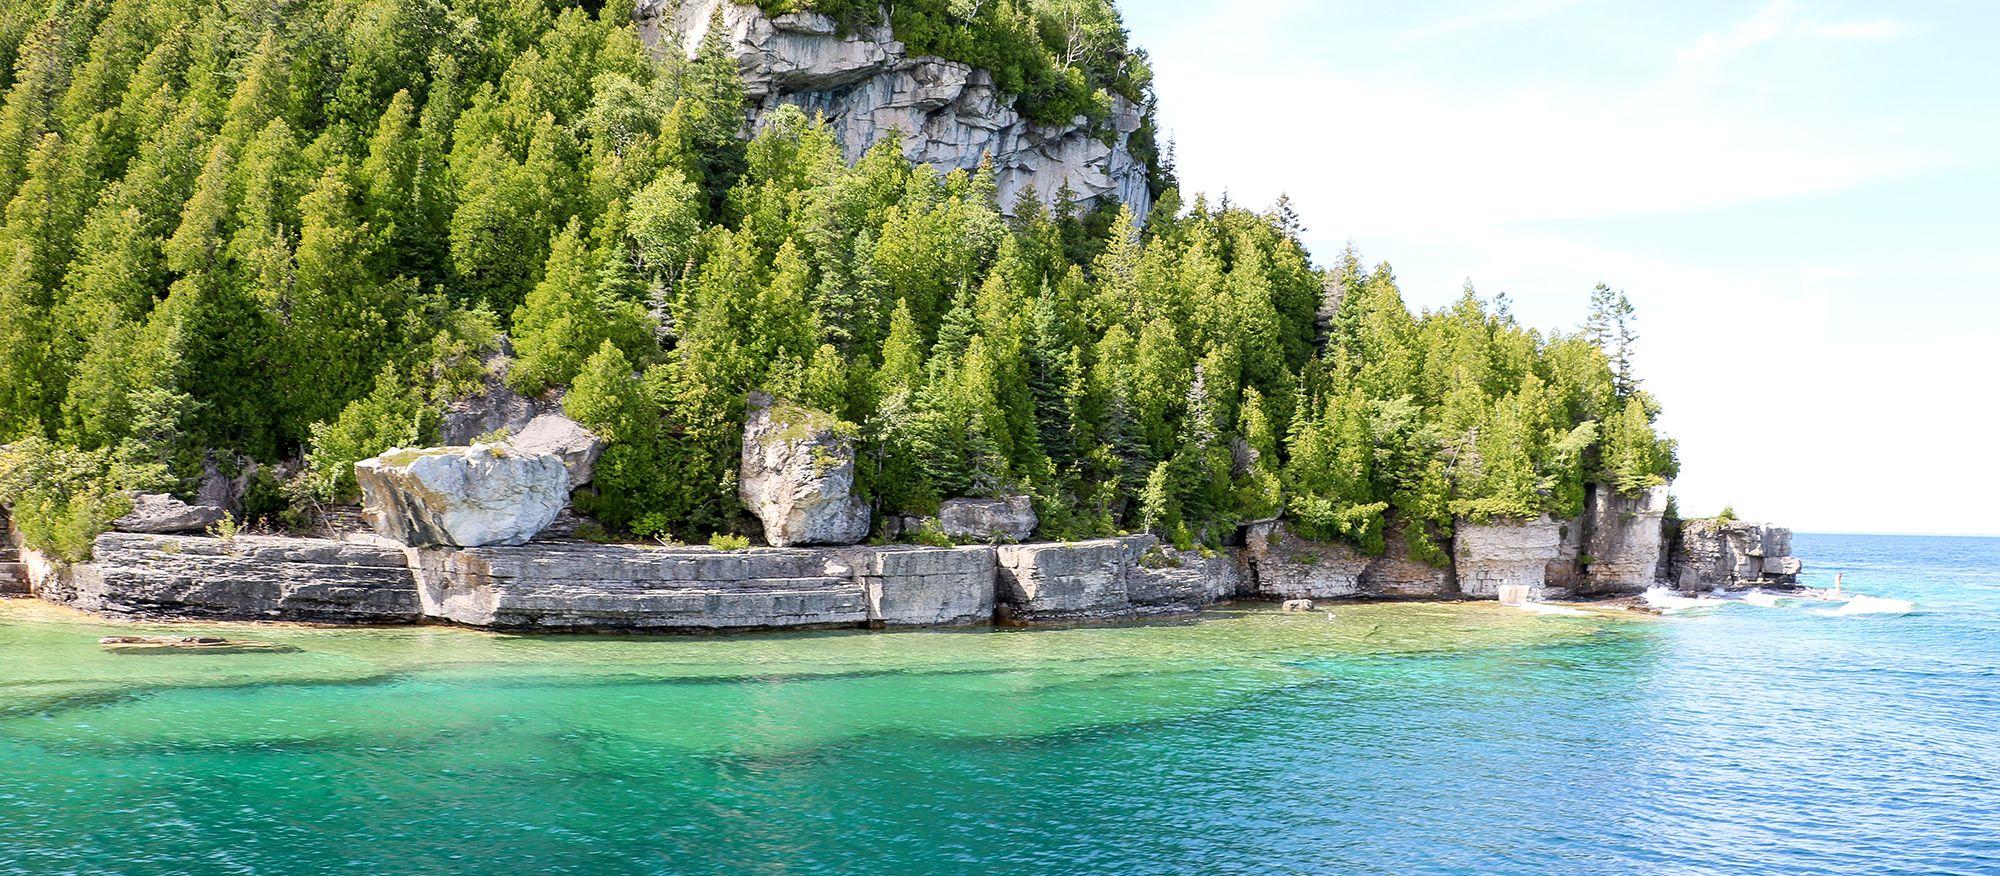 Impressionen von den Blue Heron Boat Cruises in Ontario